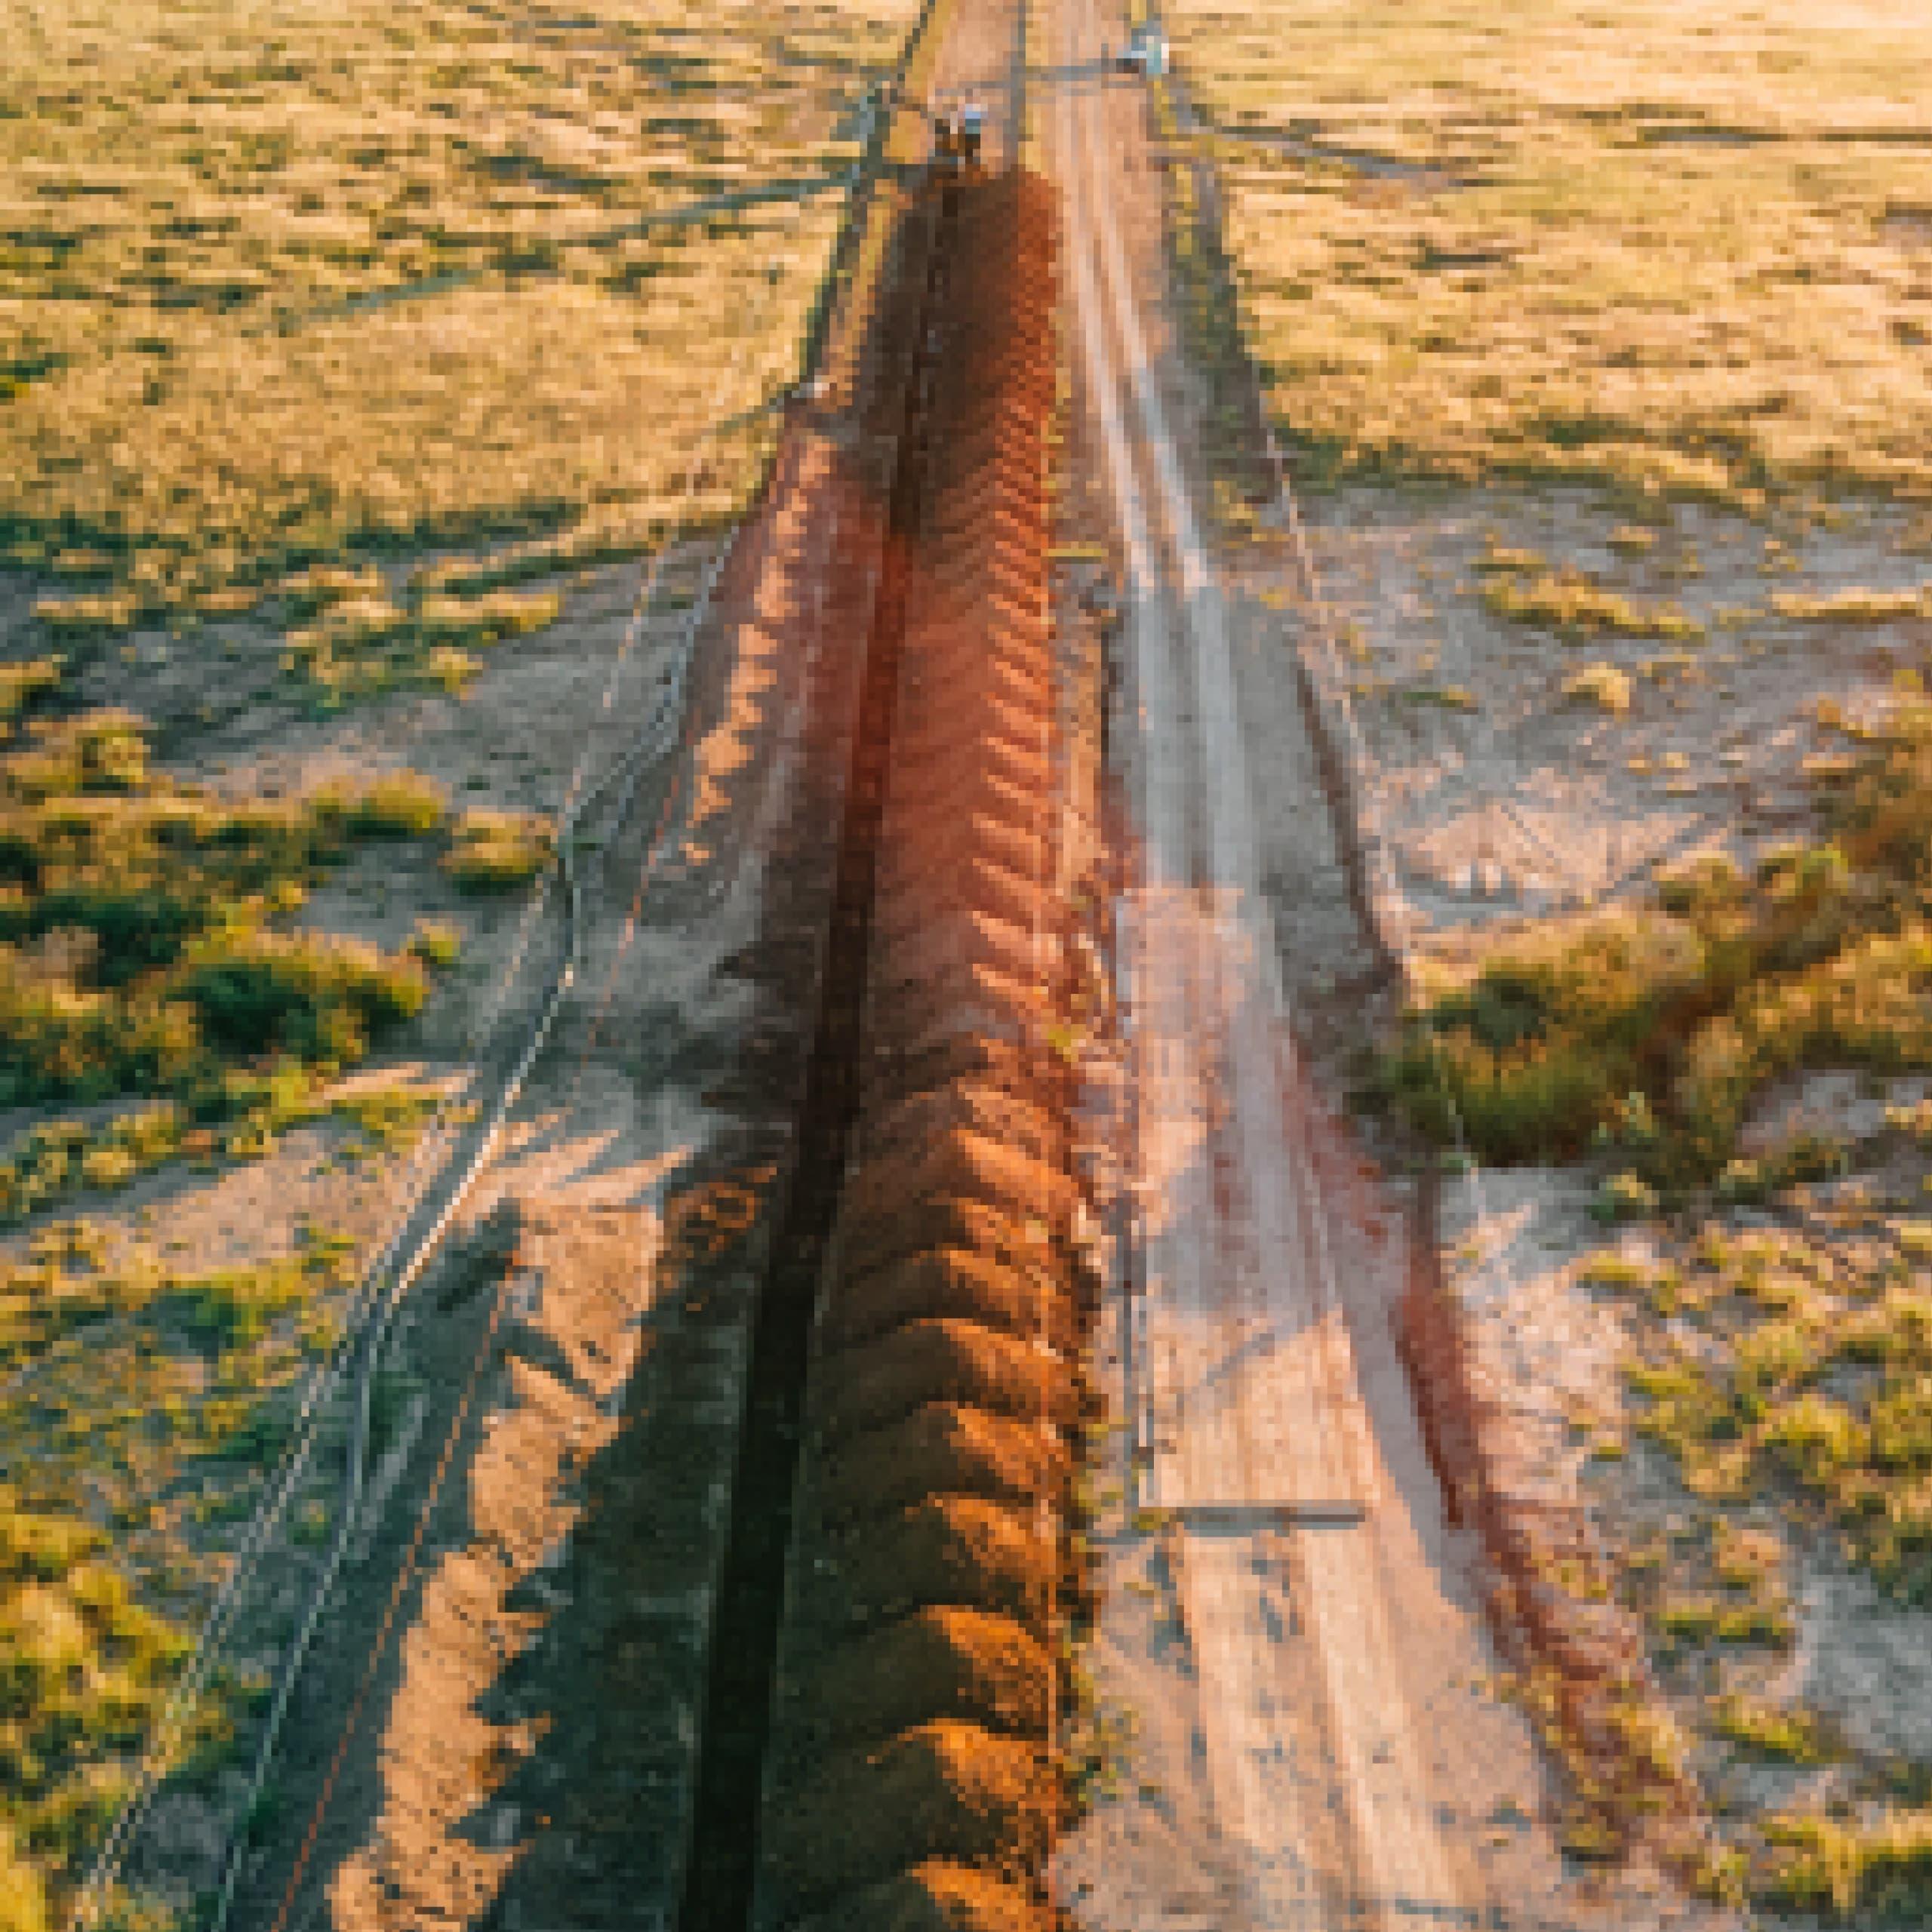 Long trench segment built robotics